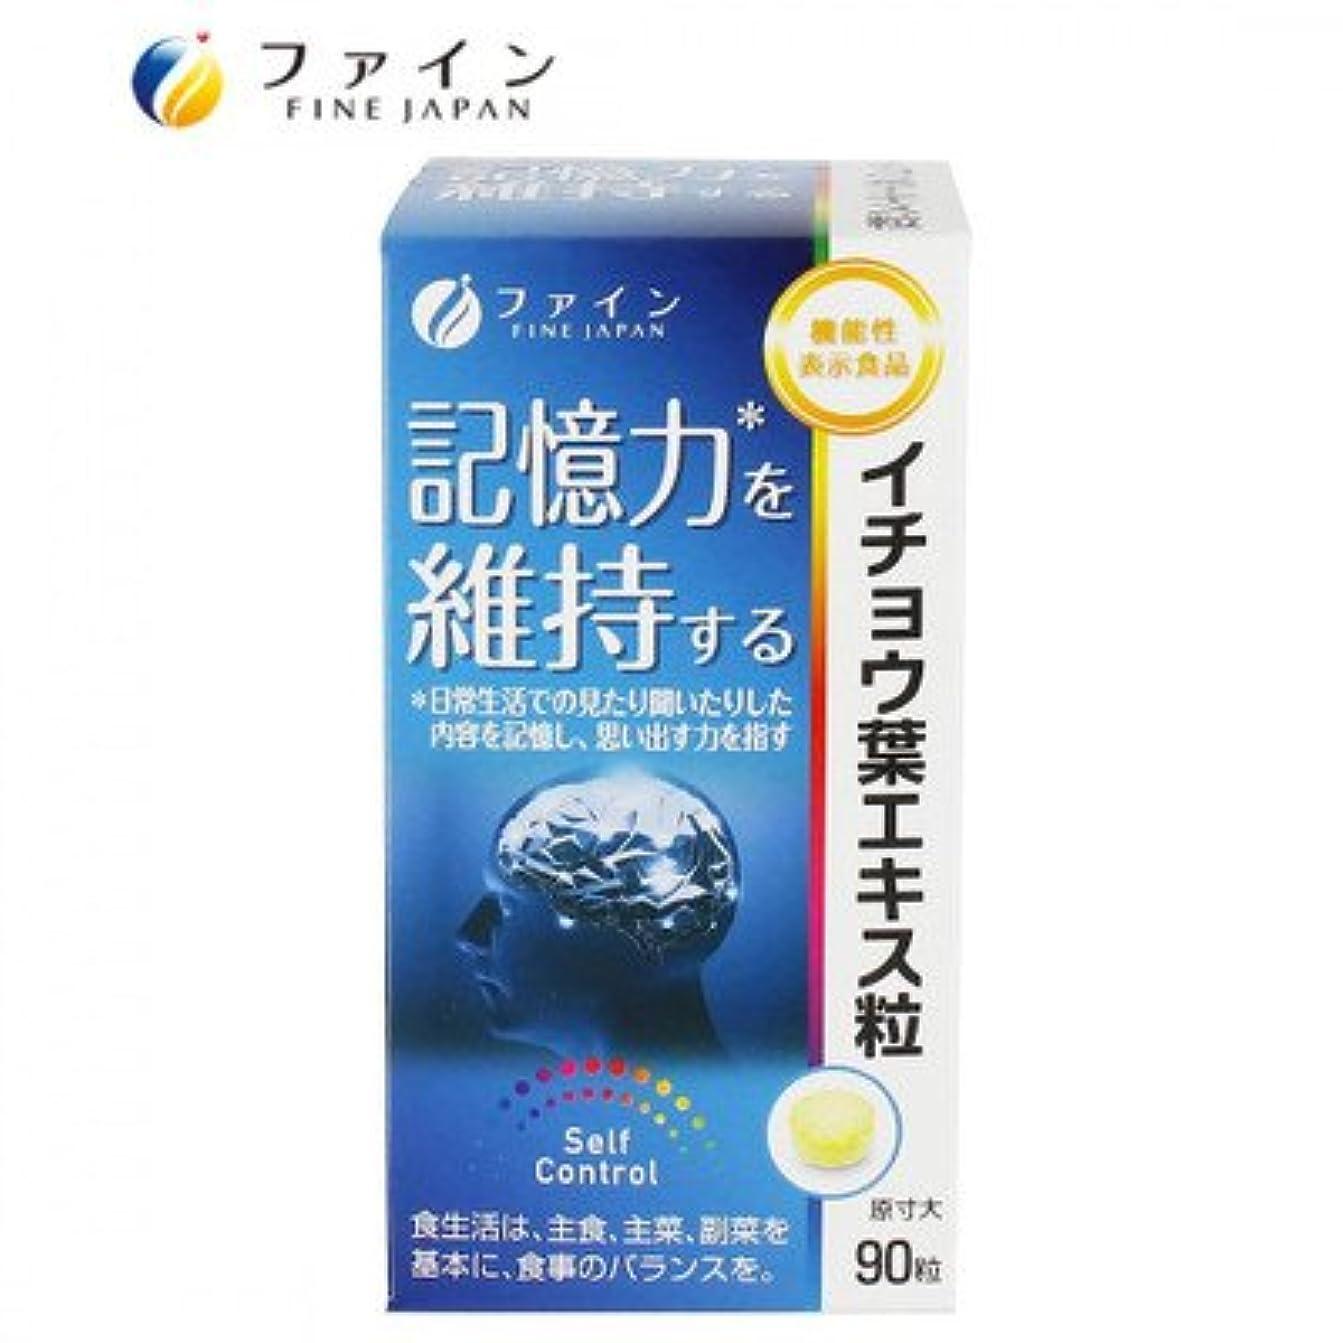 パスタ櫛ハドル錠剤で簡単に摂取できますファイン 機能性表示食品 イチョウ葉エキス粒 18g(200mg×90粒)